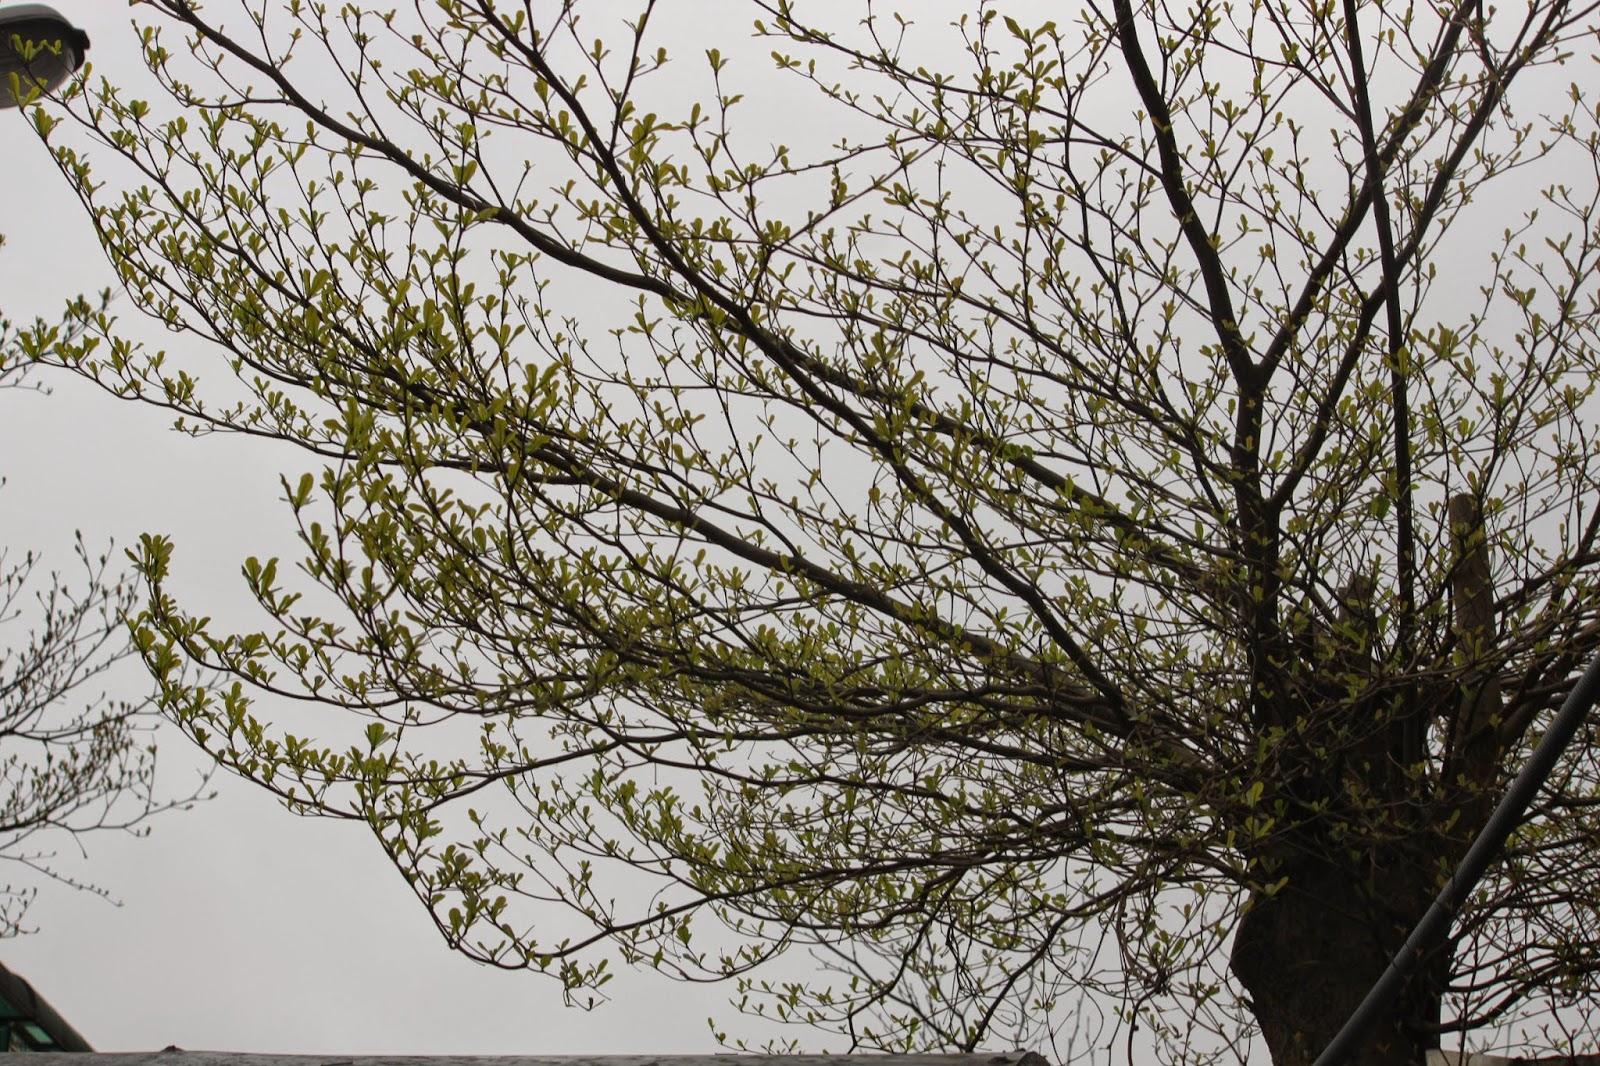 Snow的綠色世界: 初露新芽的小葉欖仁